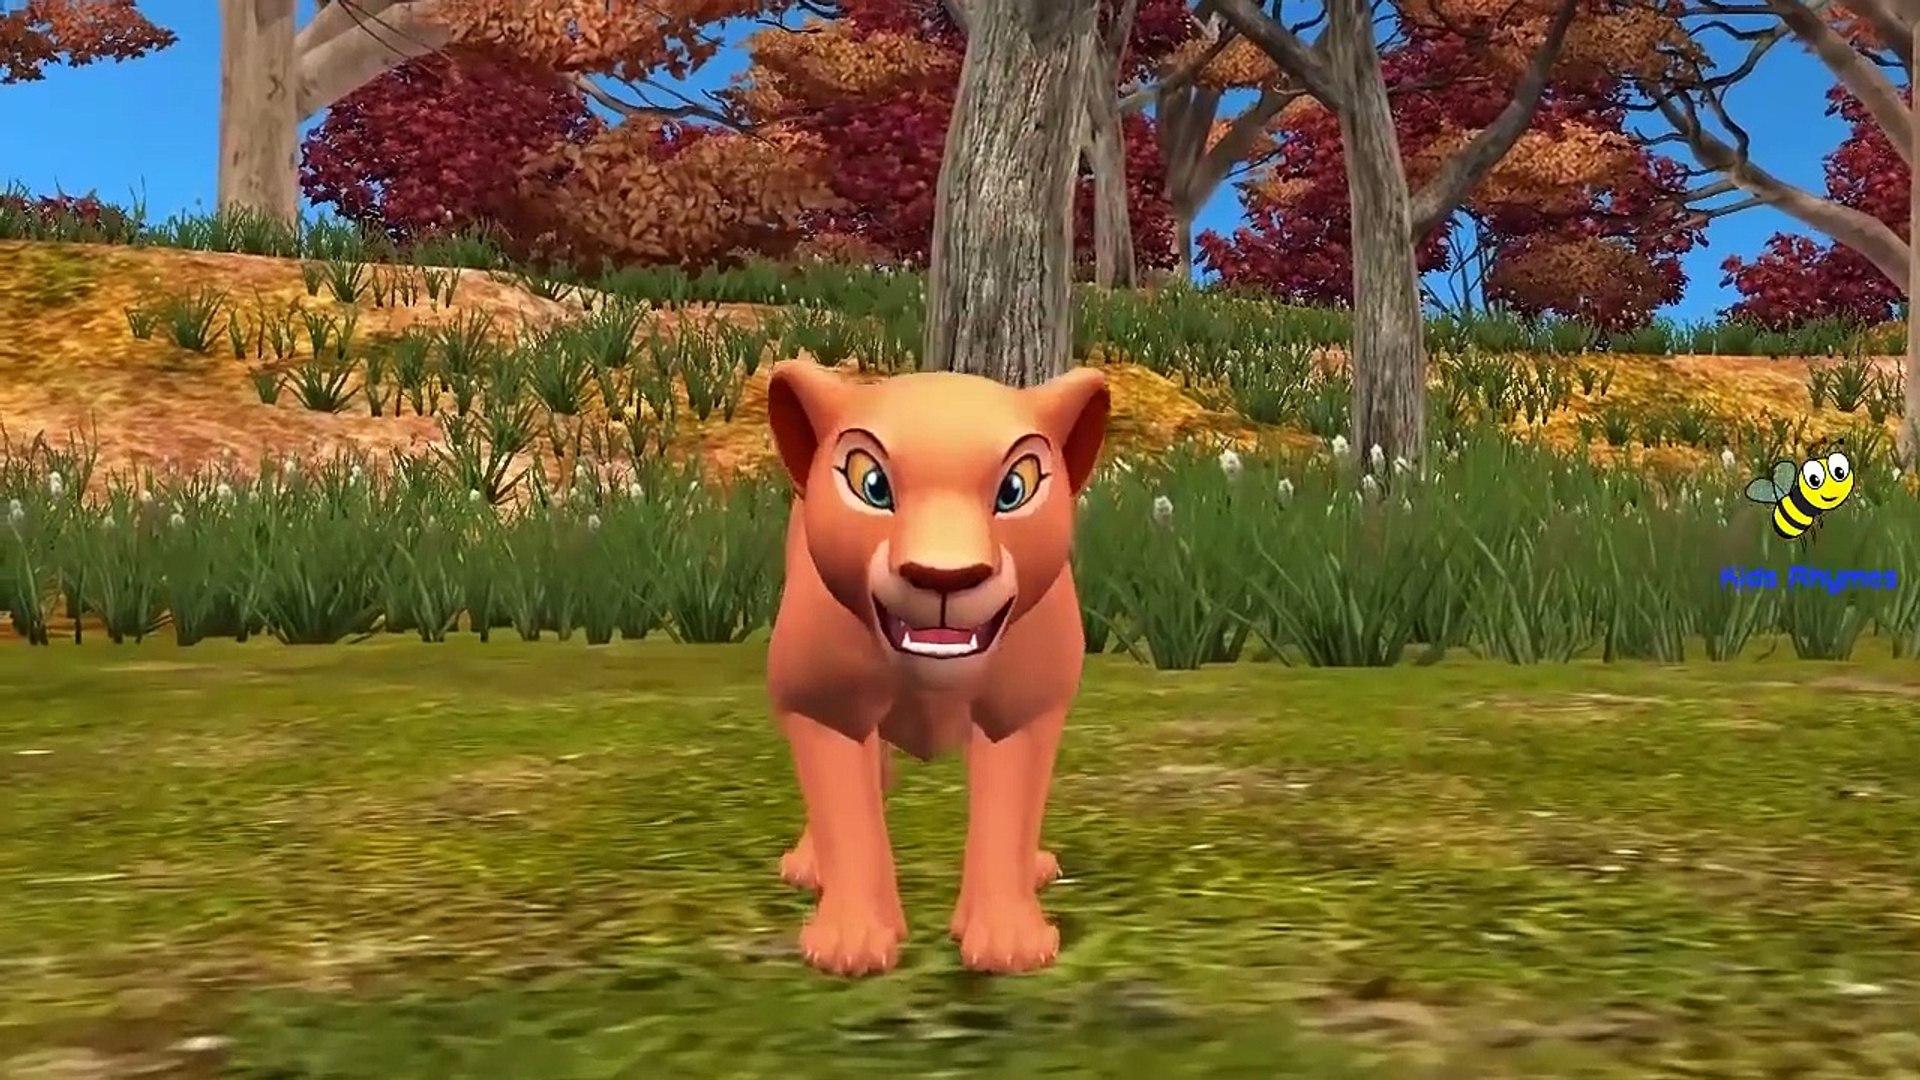 Медведь с с с с с с мультфильмы Семья палец для лев мало питомник рифмы звезда звезда мерцать |